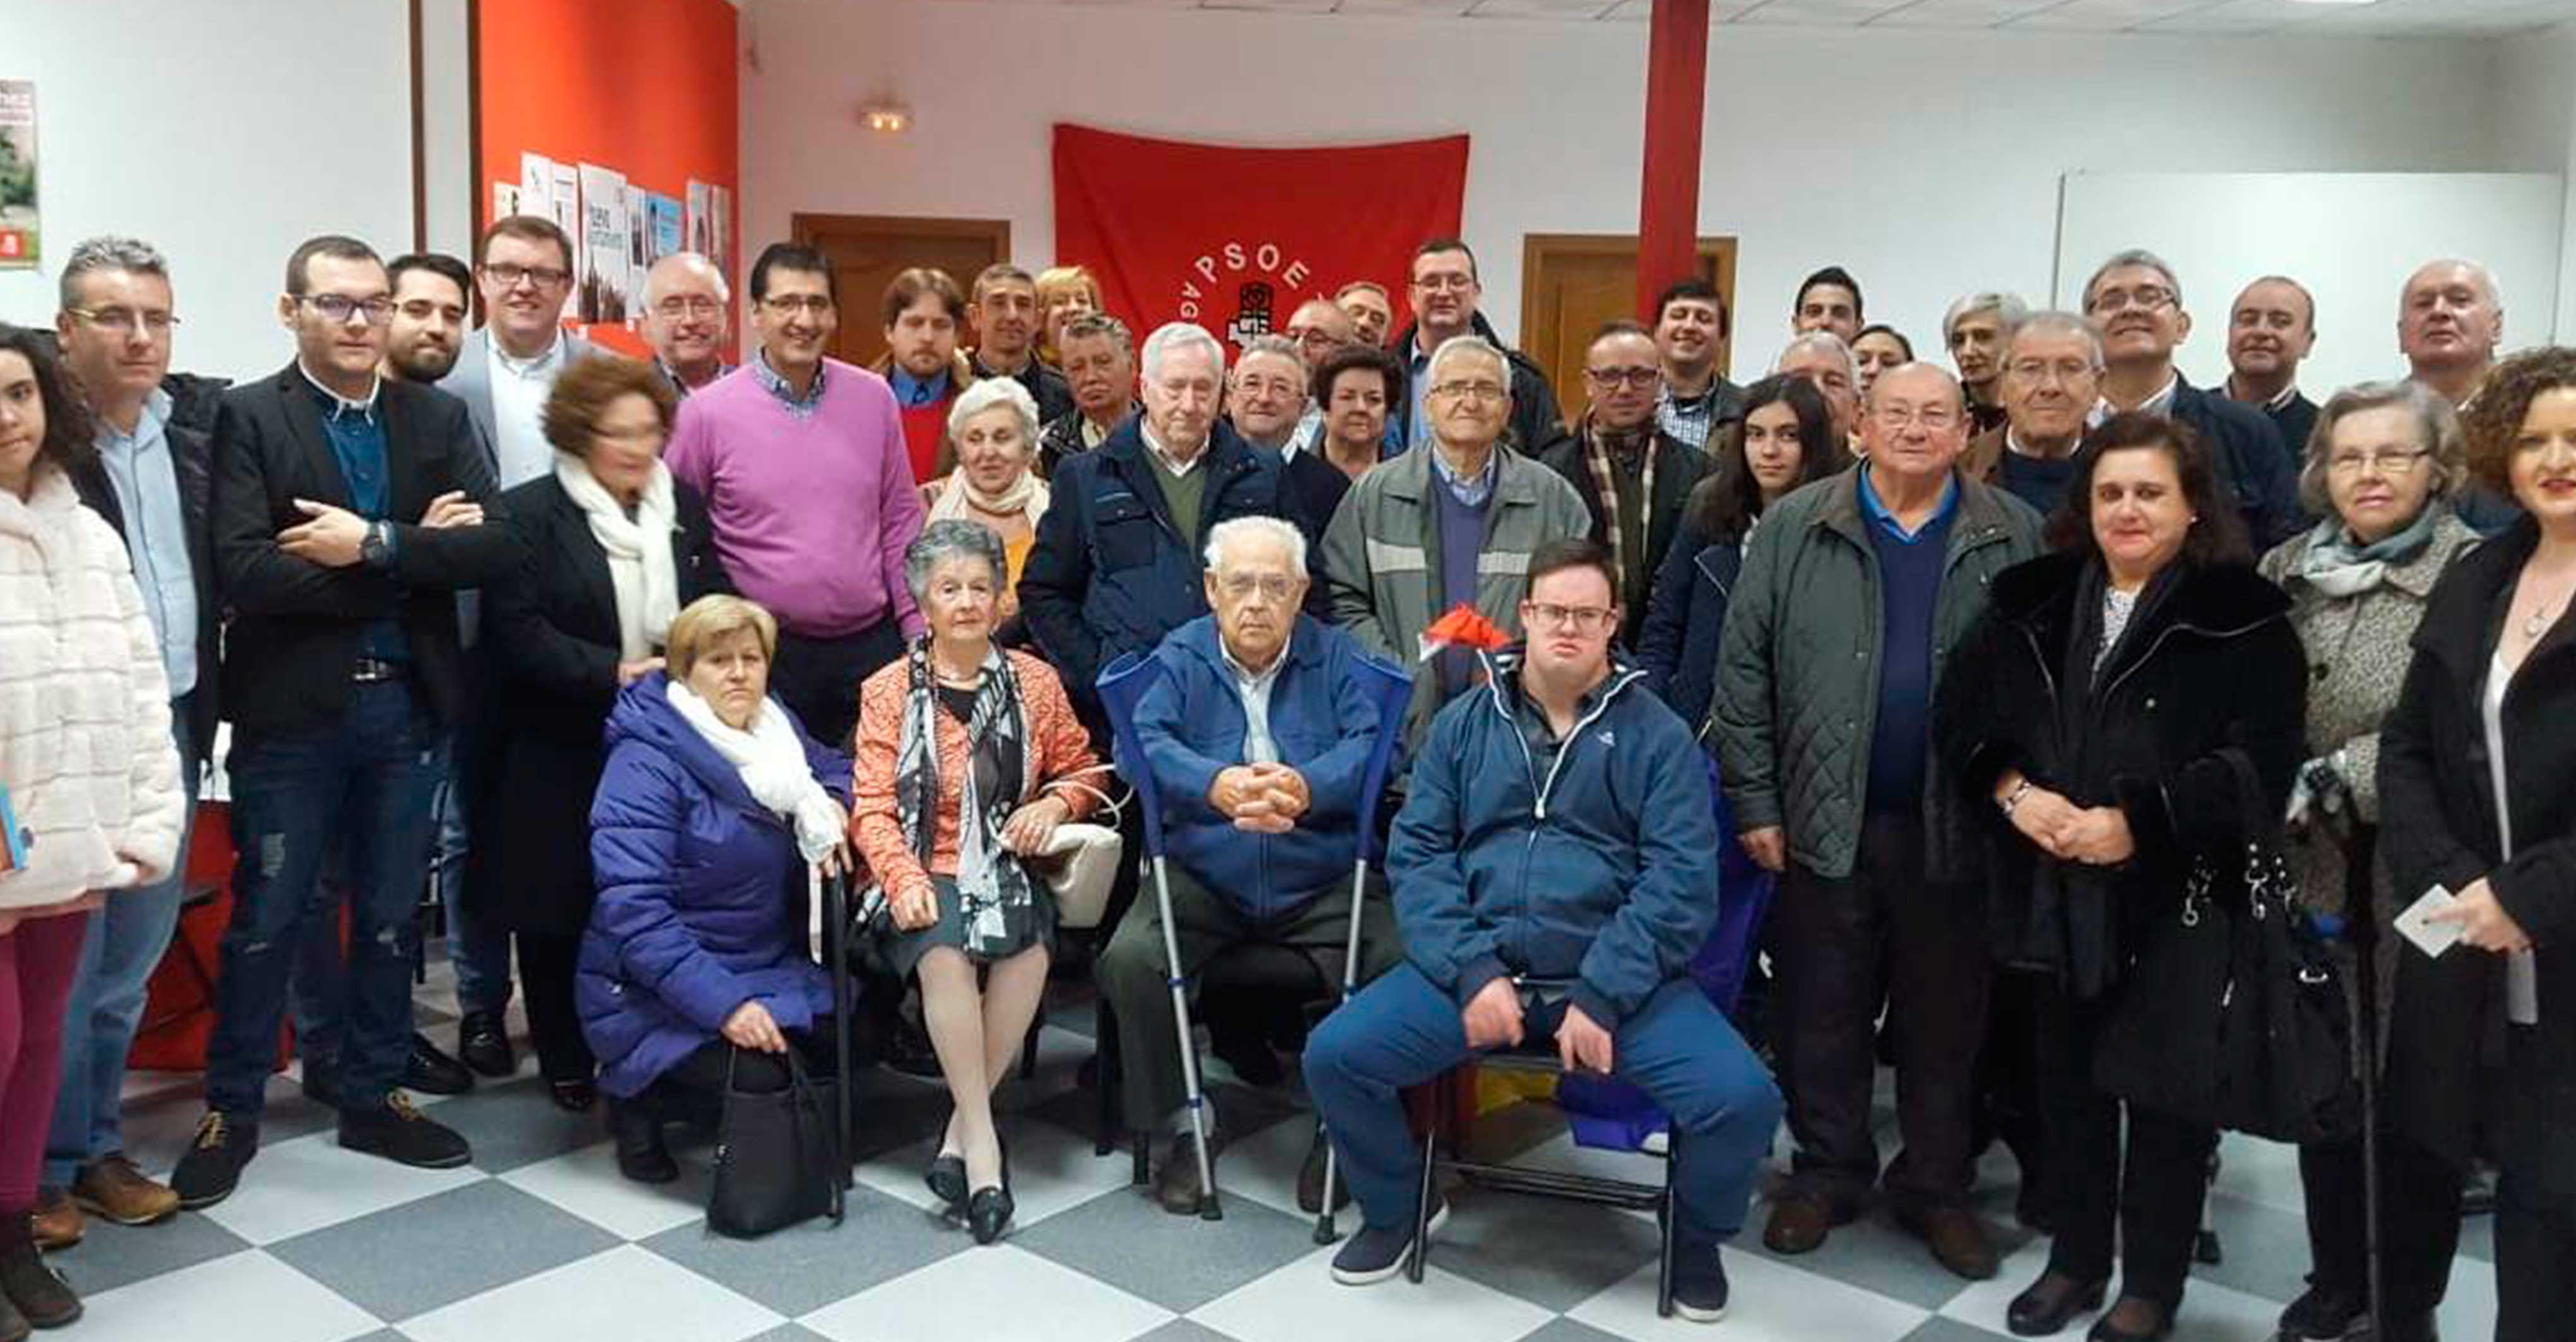 Caballero resalta la gran contribución del PSOE al desarrollo del país en estos 40 años de Constitución